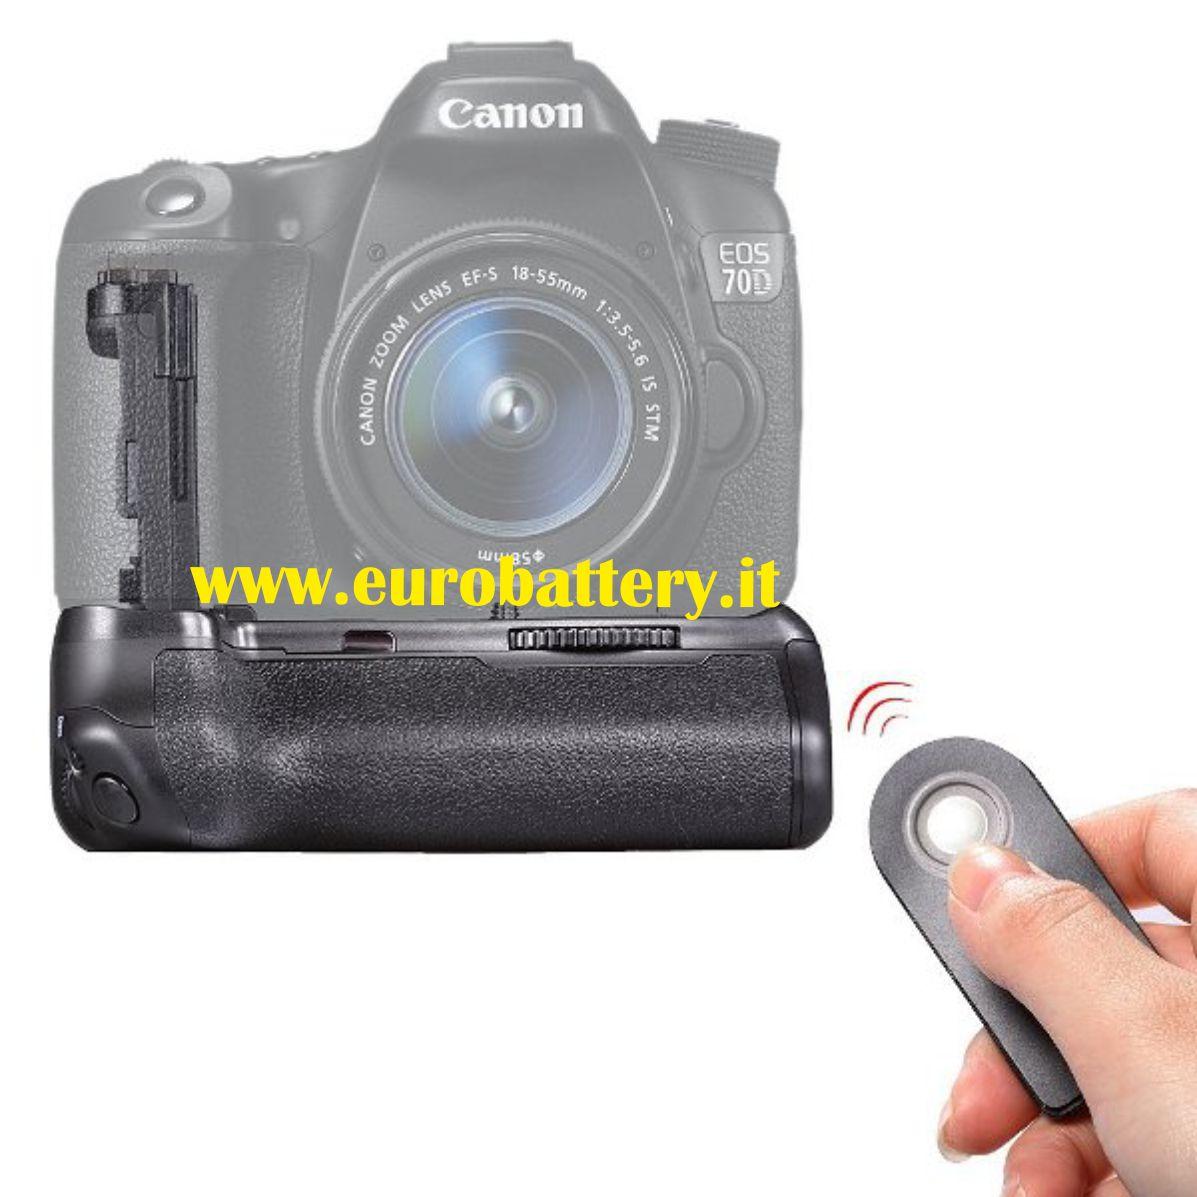 http://www.eurobattery.it/Foto-ebay/Canon/BG-E14/BG-E14-1-.jpg